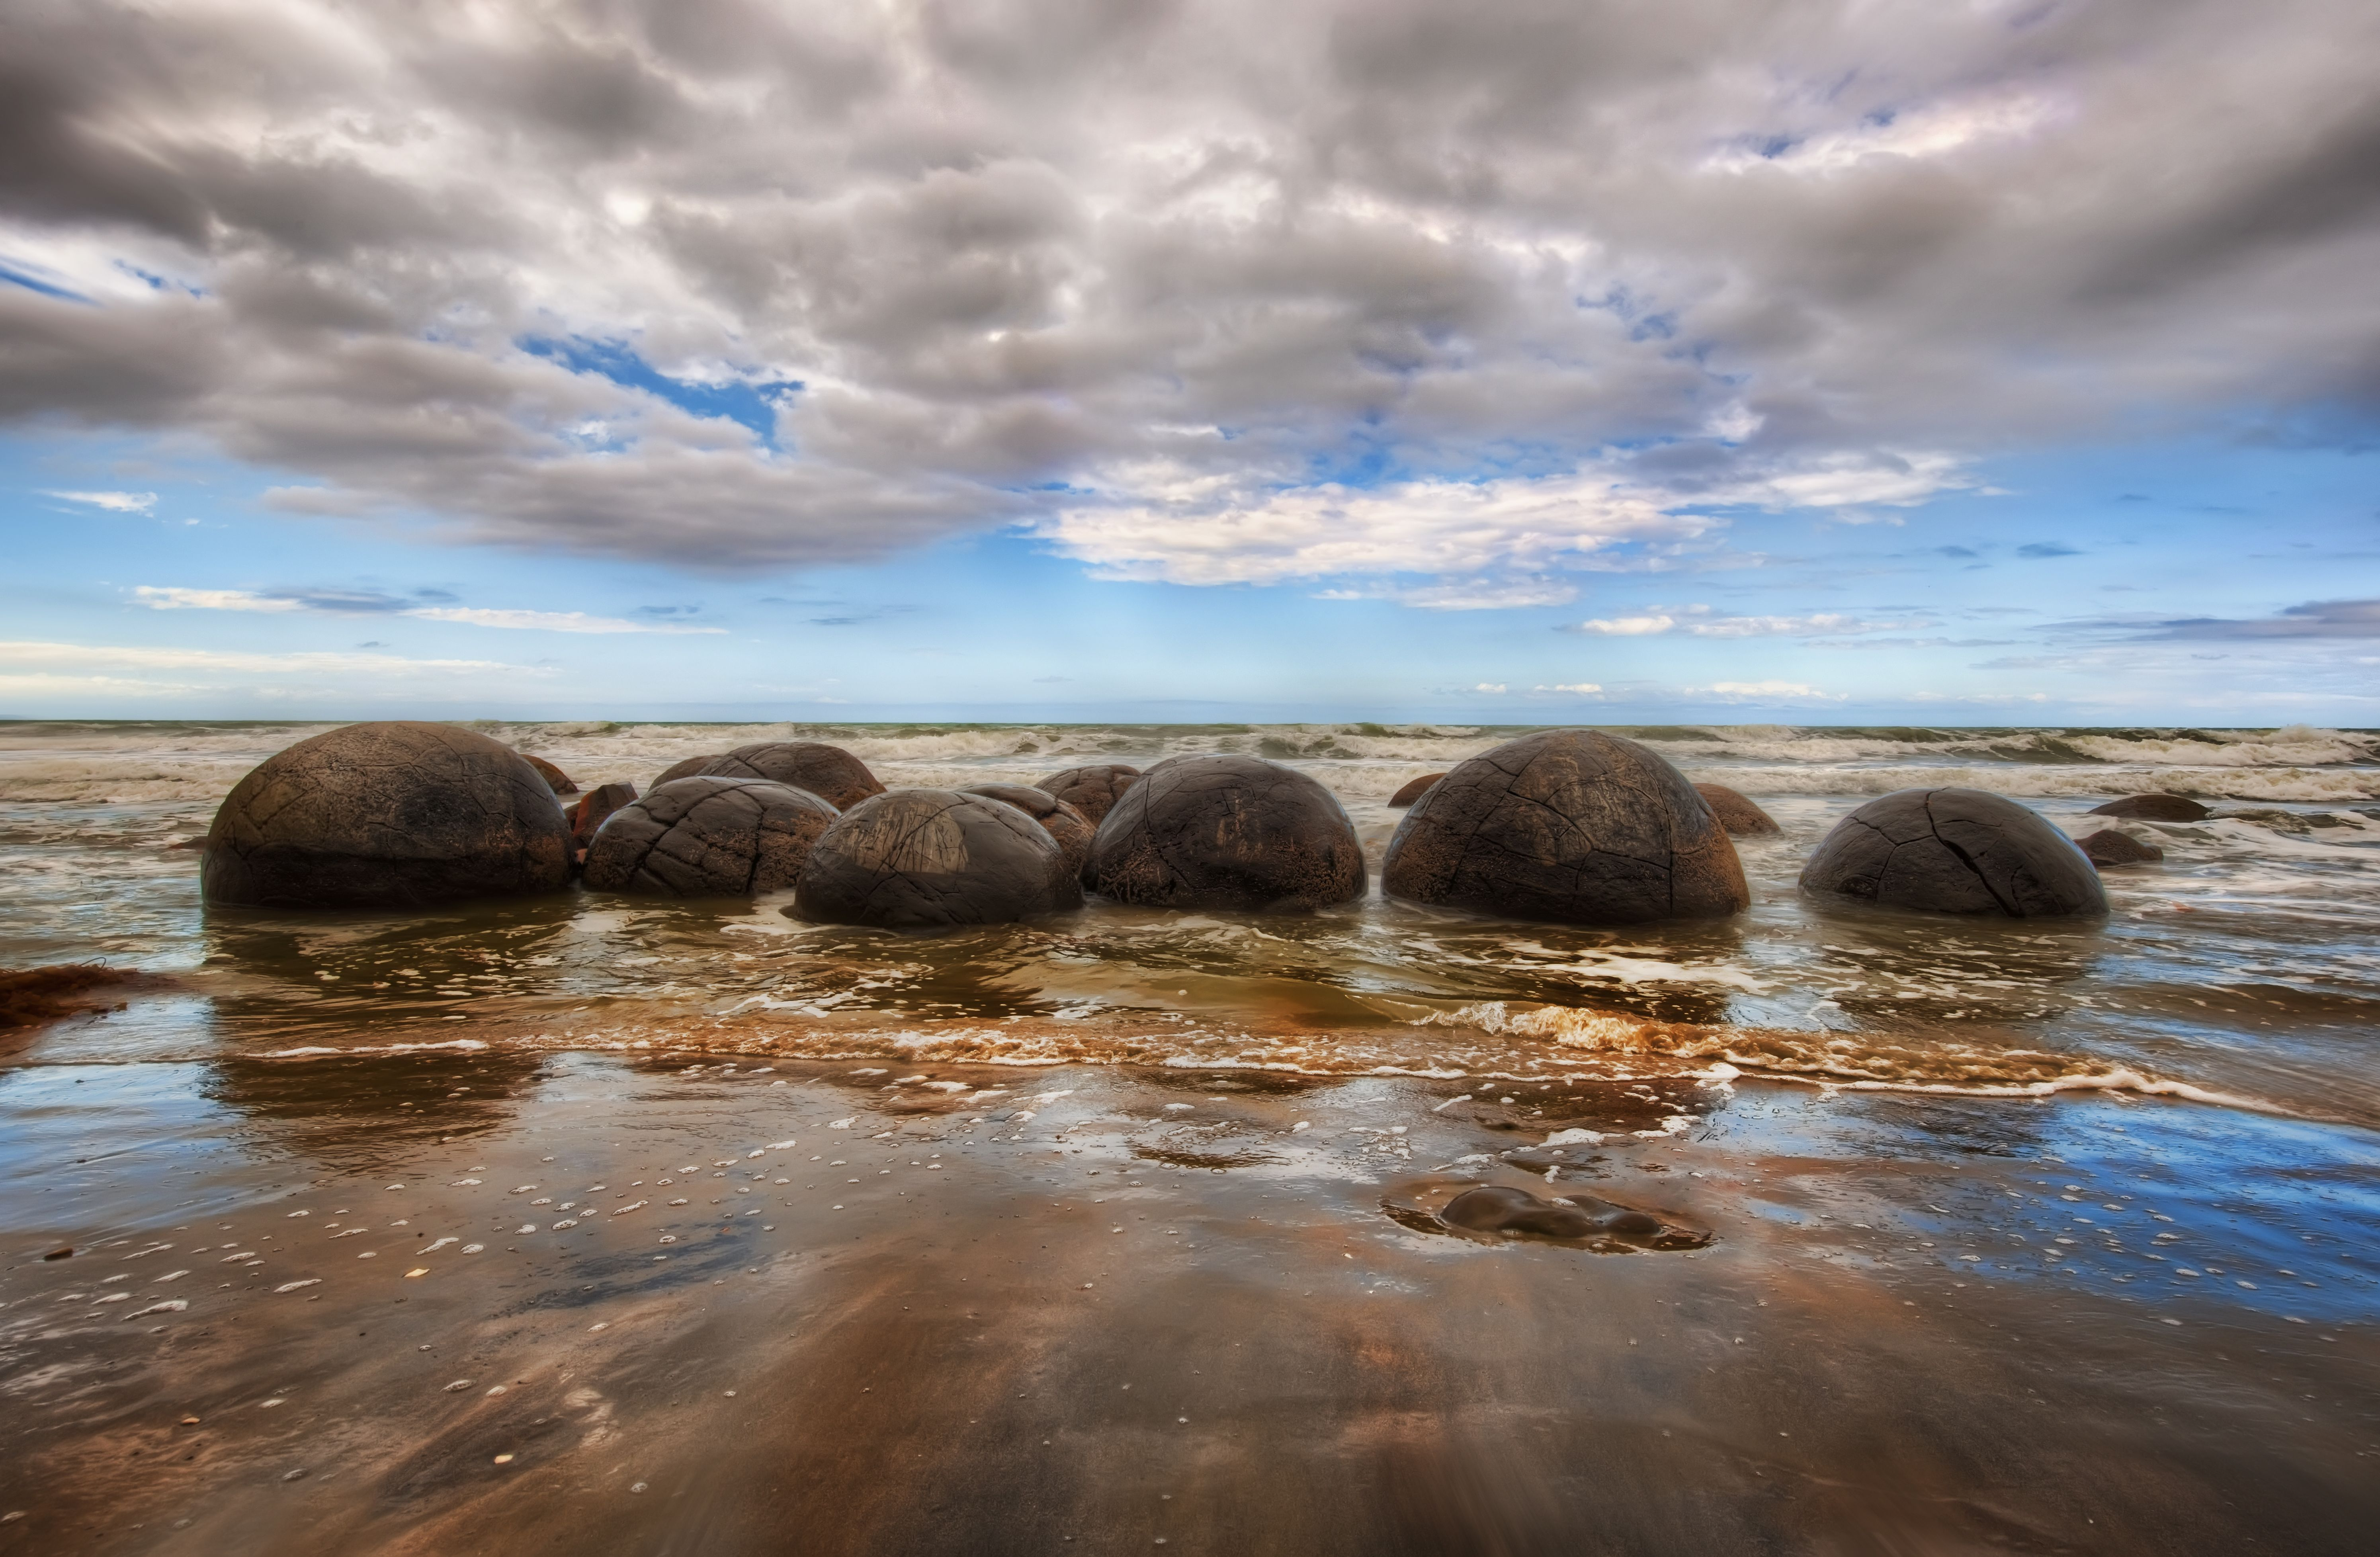 камни вода поле небо загрузить